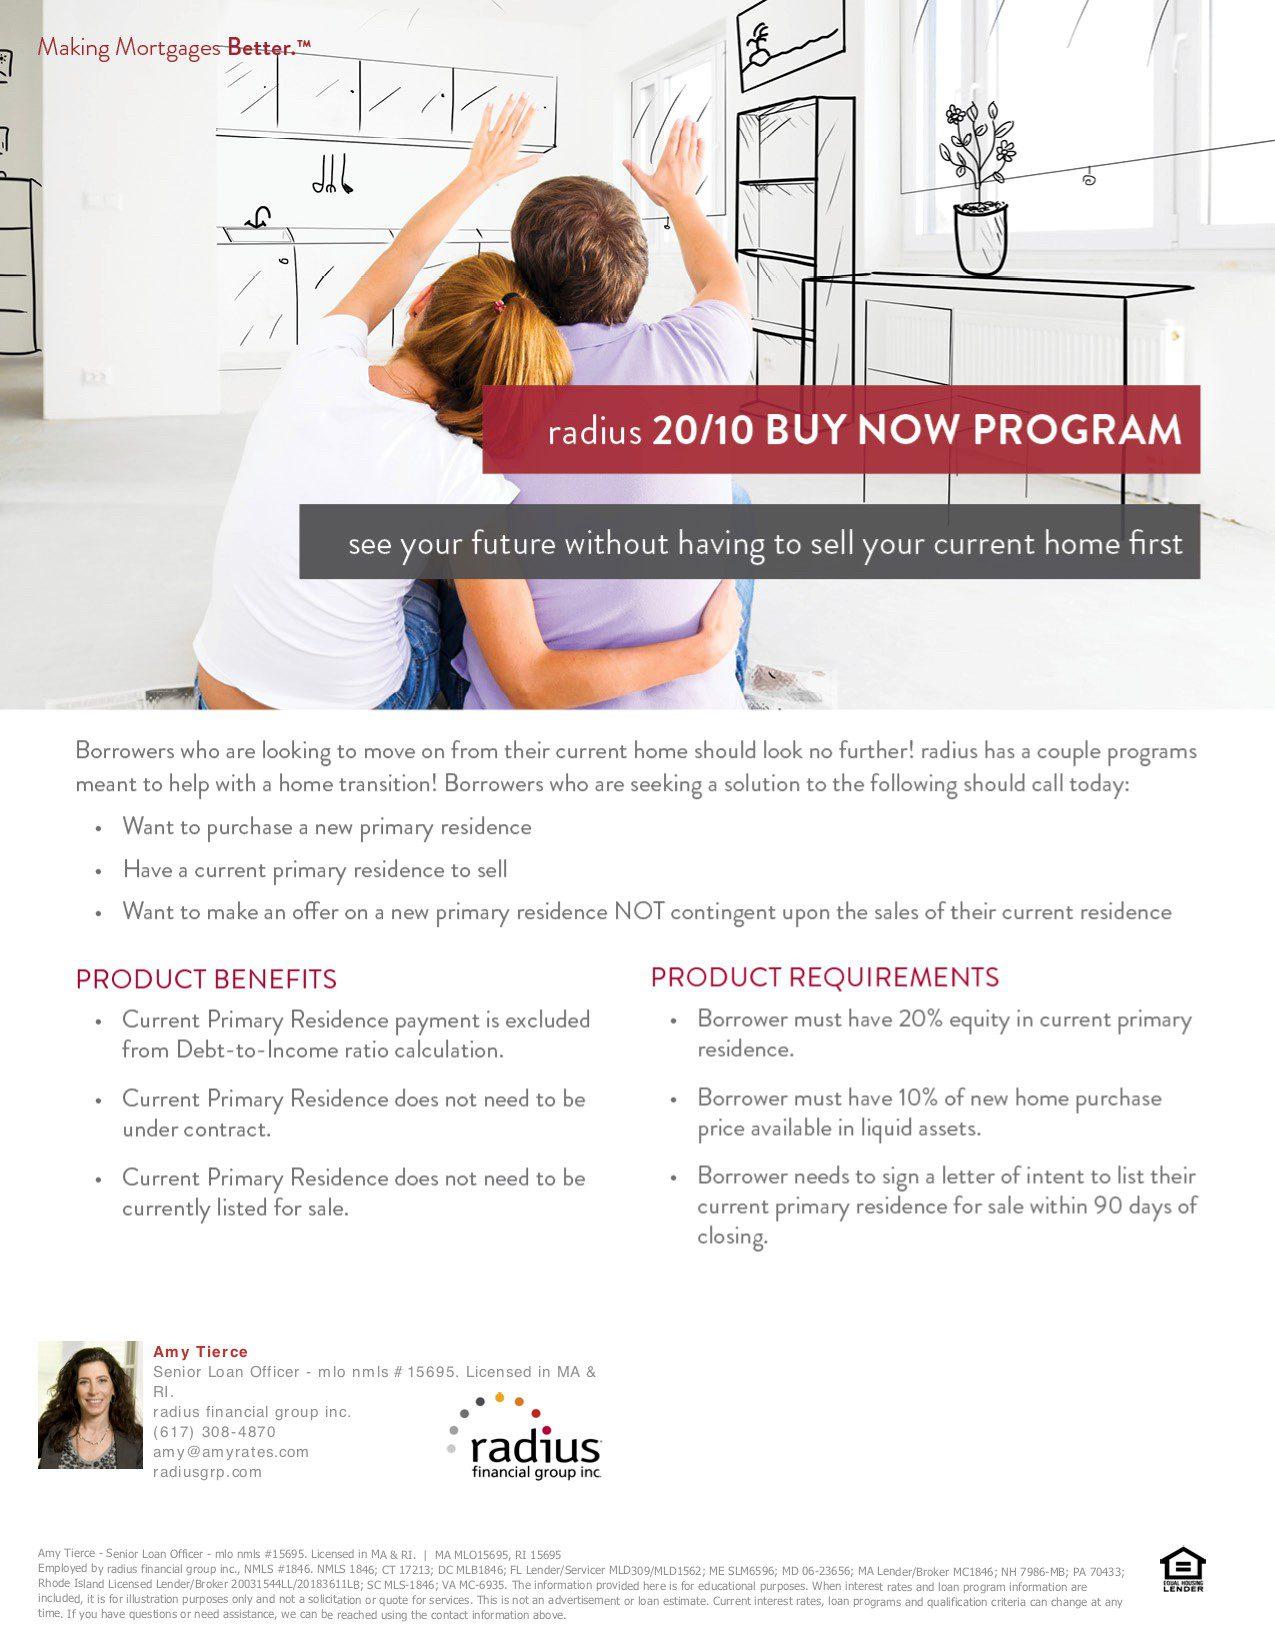 Buy Now Program